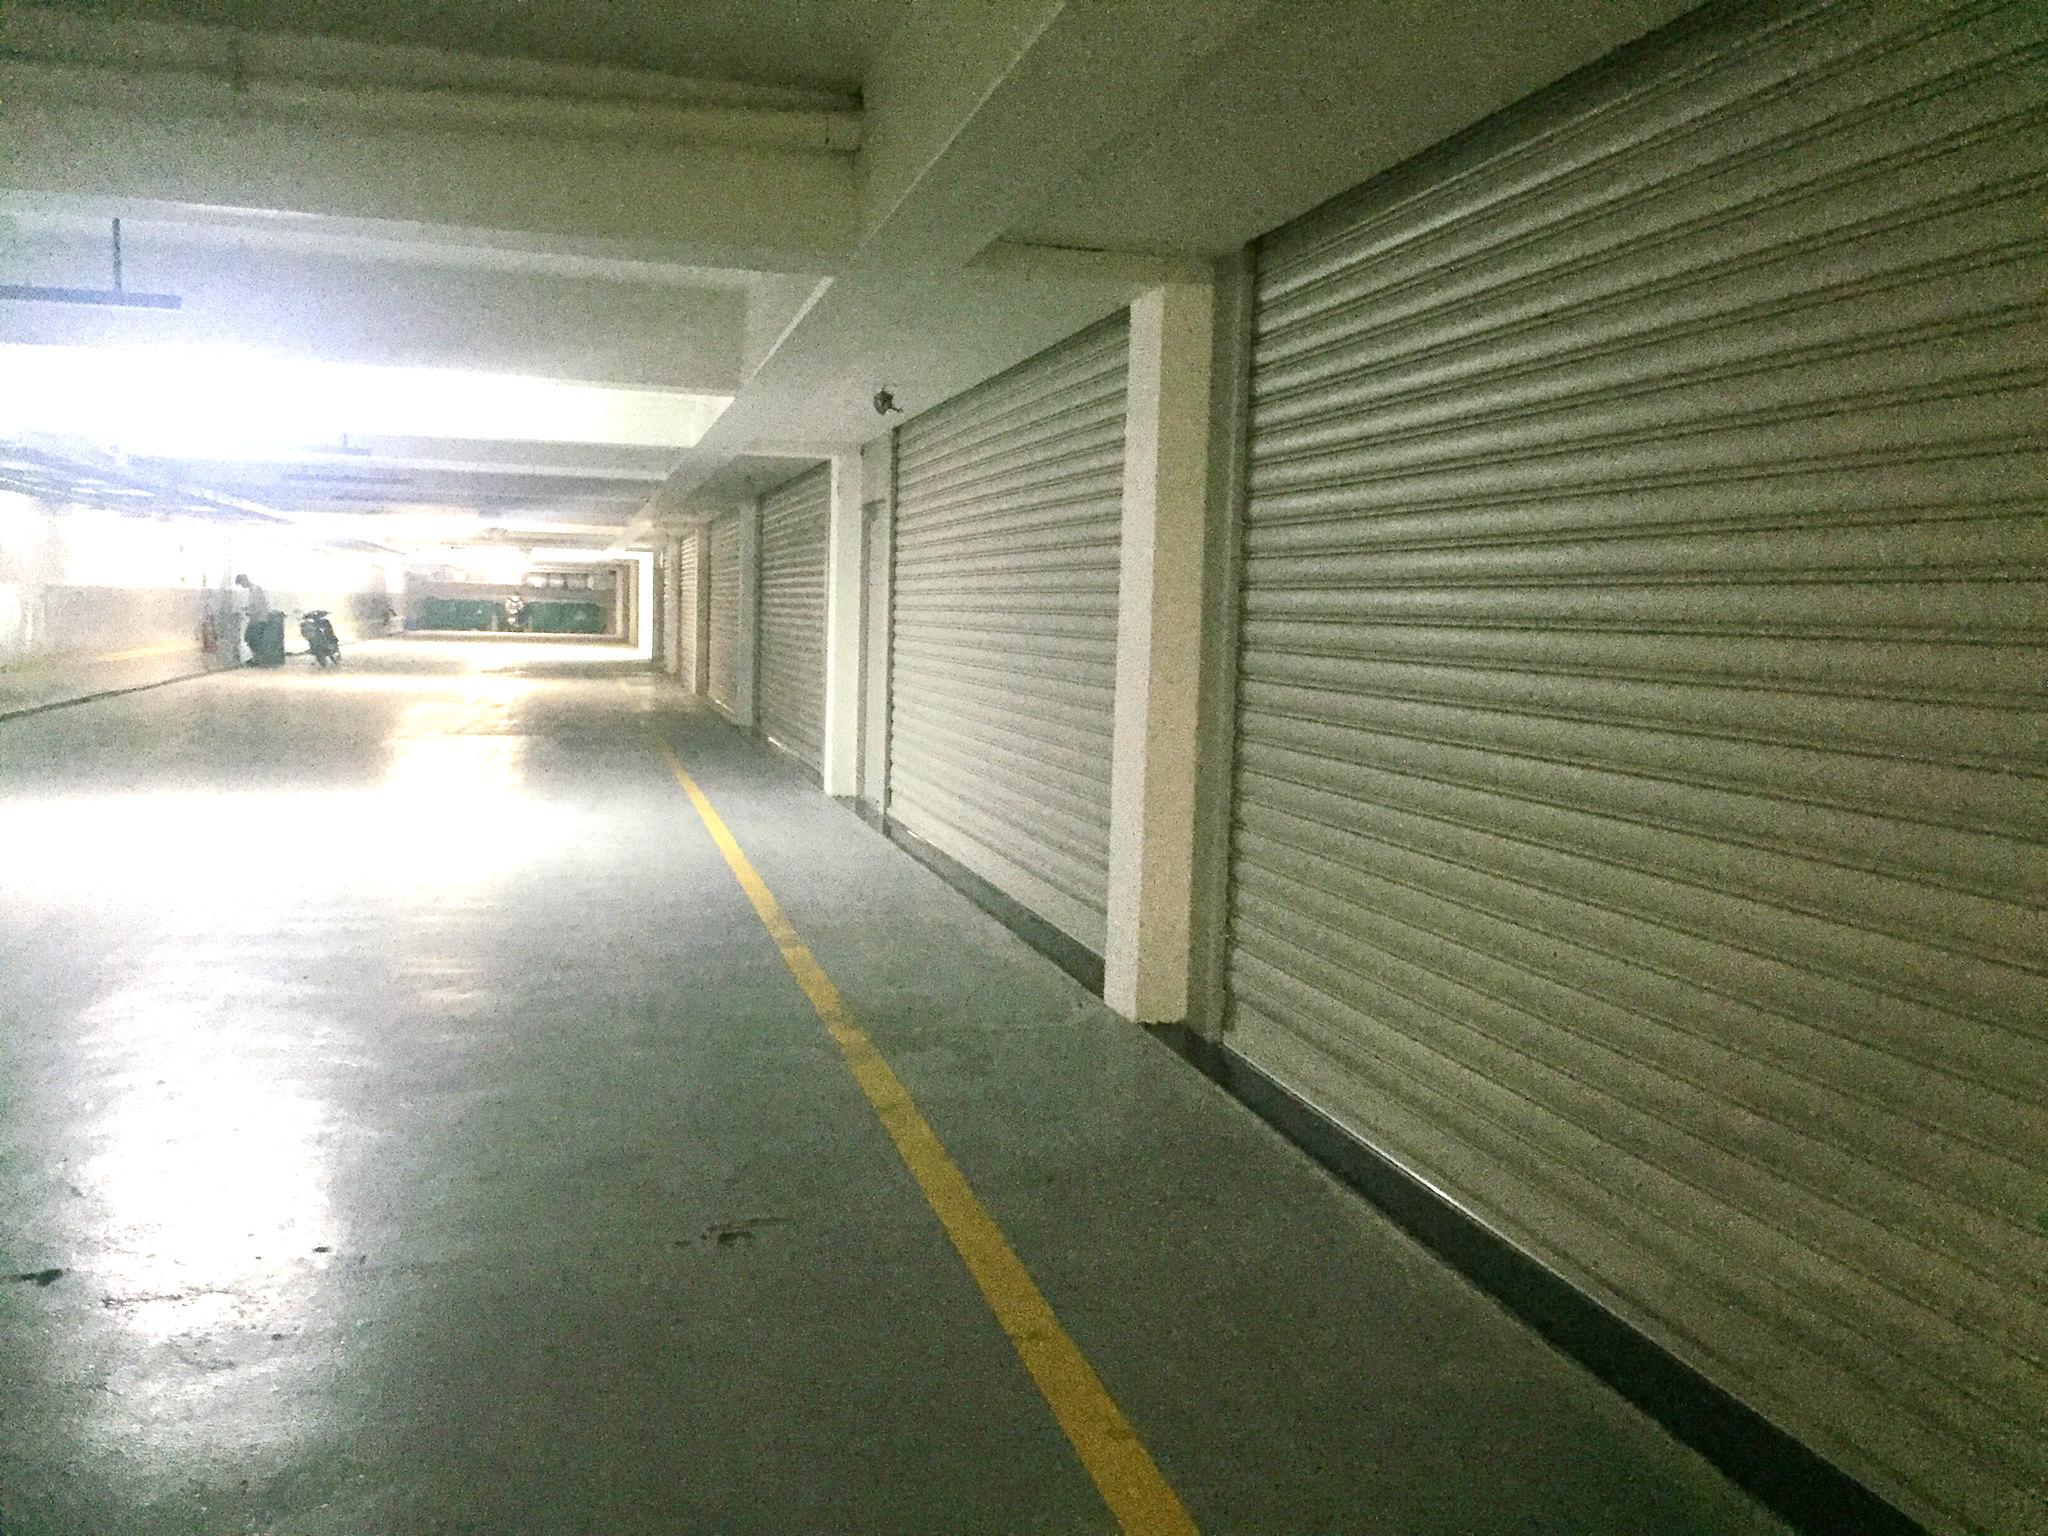 Lối vào tầng hầm dãy Shophouse Nguyễn Cơ Thạch - Khu đô thị Sala Đại Quang Minh